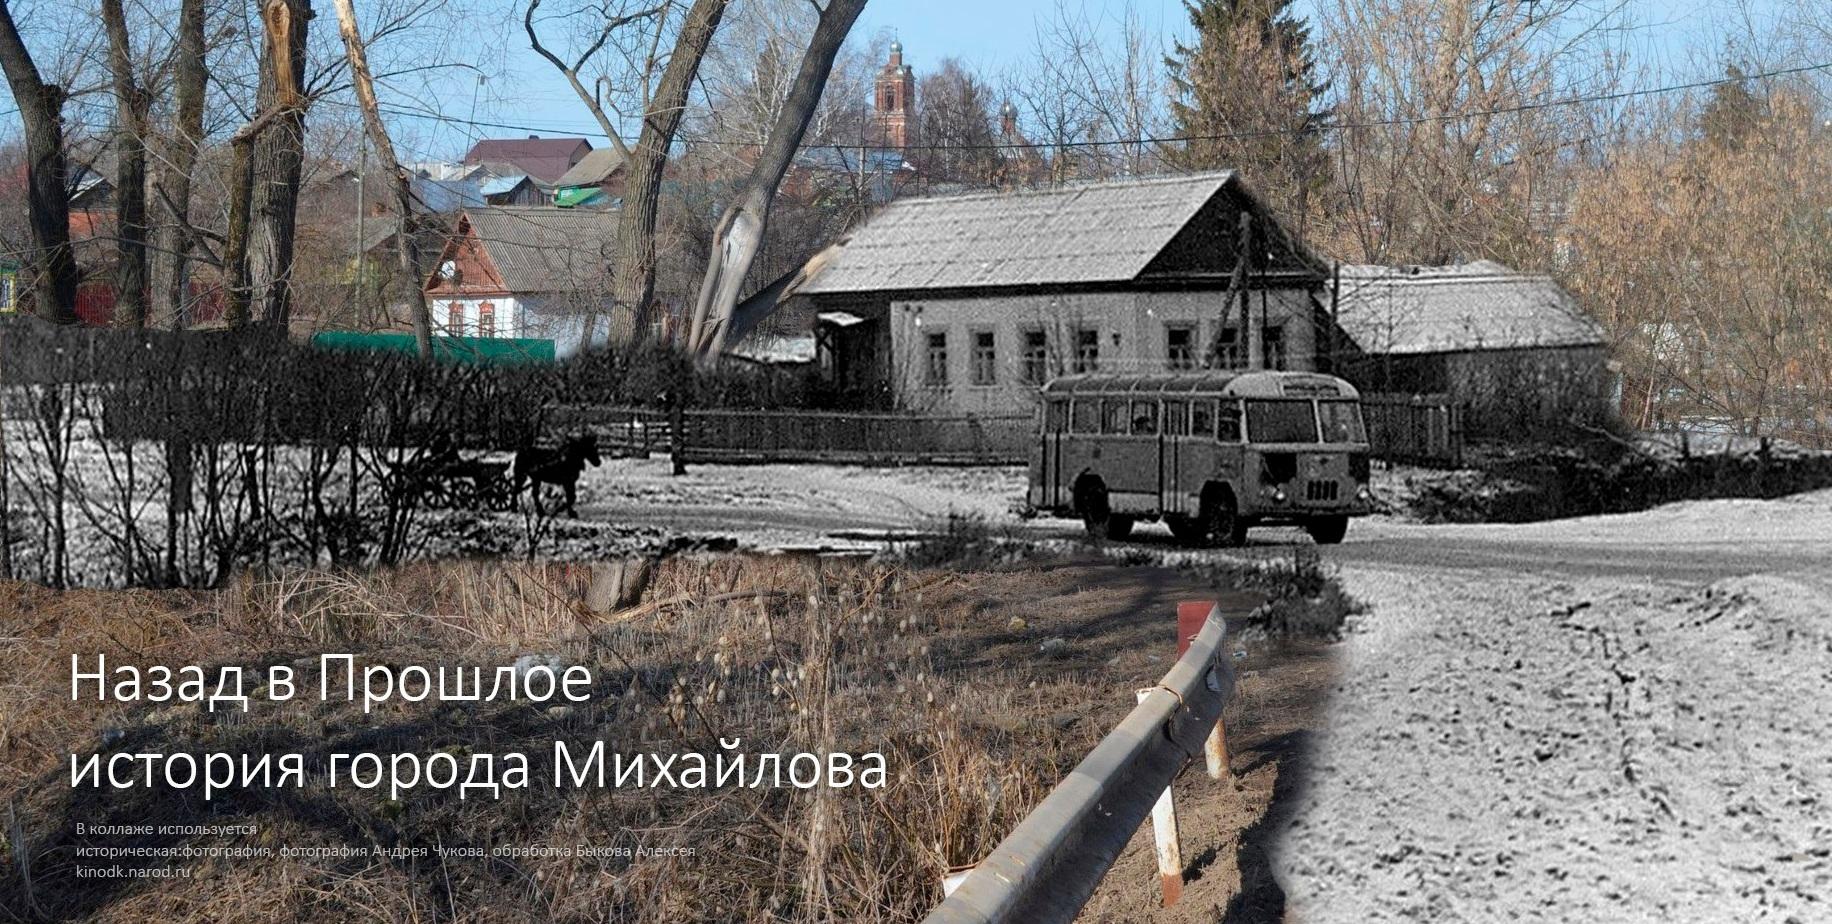 История города Михайлова в фотография современности!